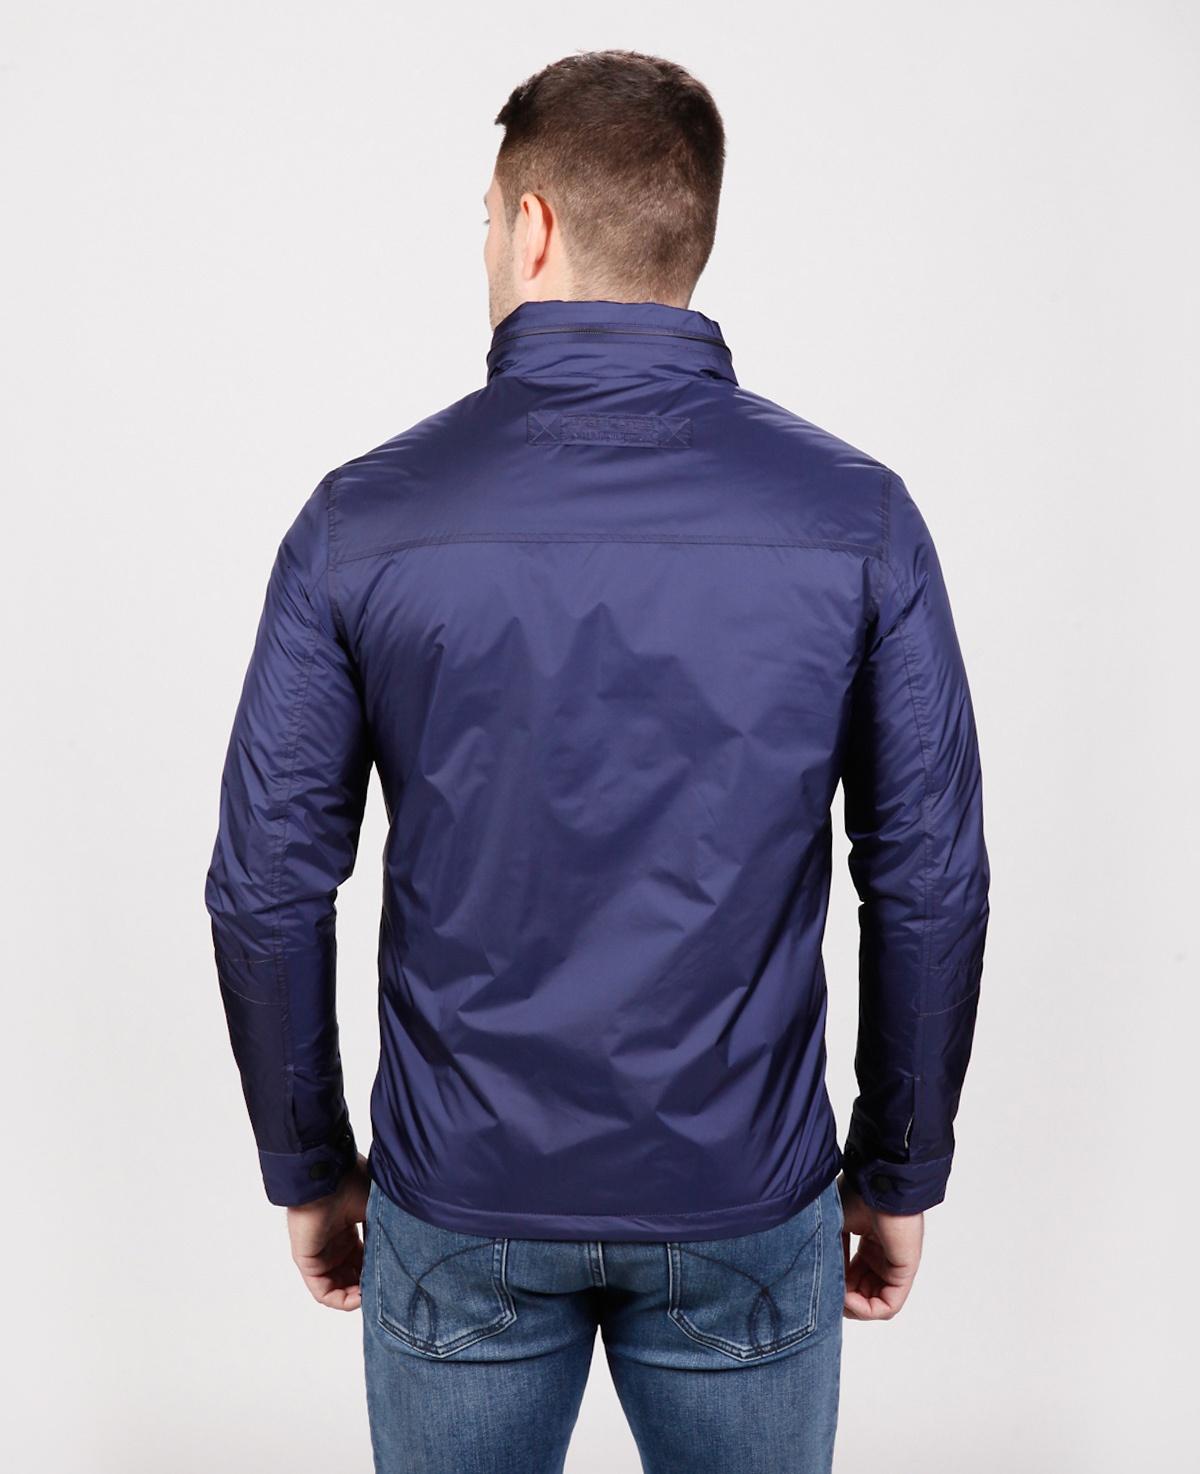 куртка синяя tiger force 51174 Tiger Force куртки и ветровки 51174